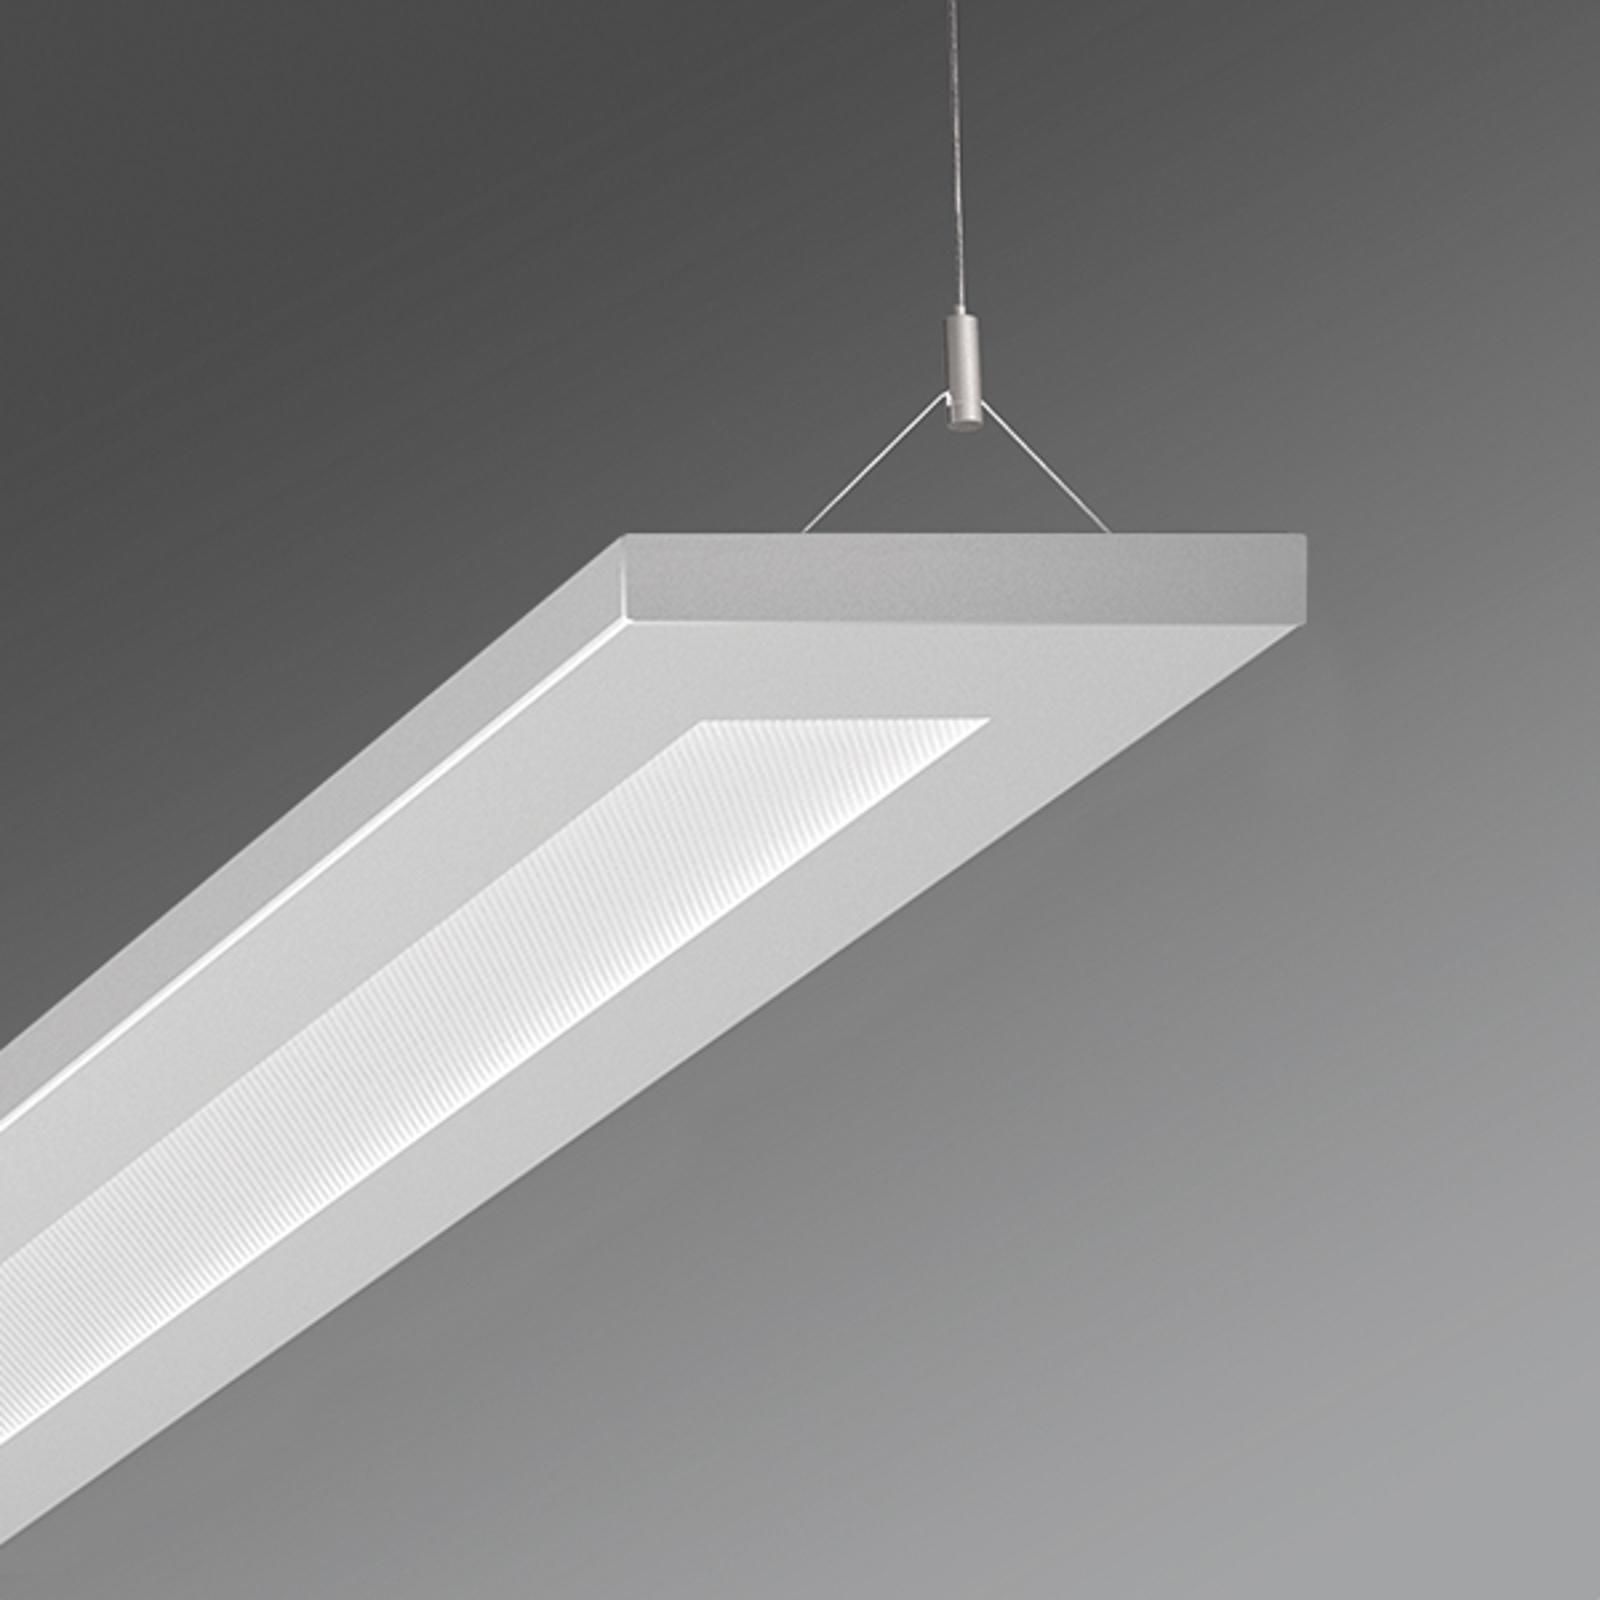 Lampa wisząca biurowa Stail LED mikropryzmat 52W